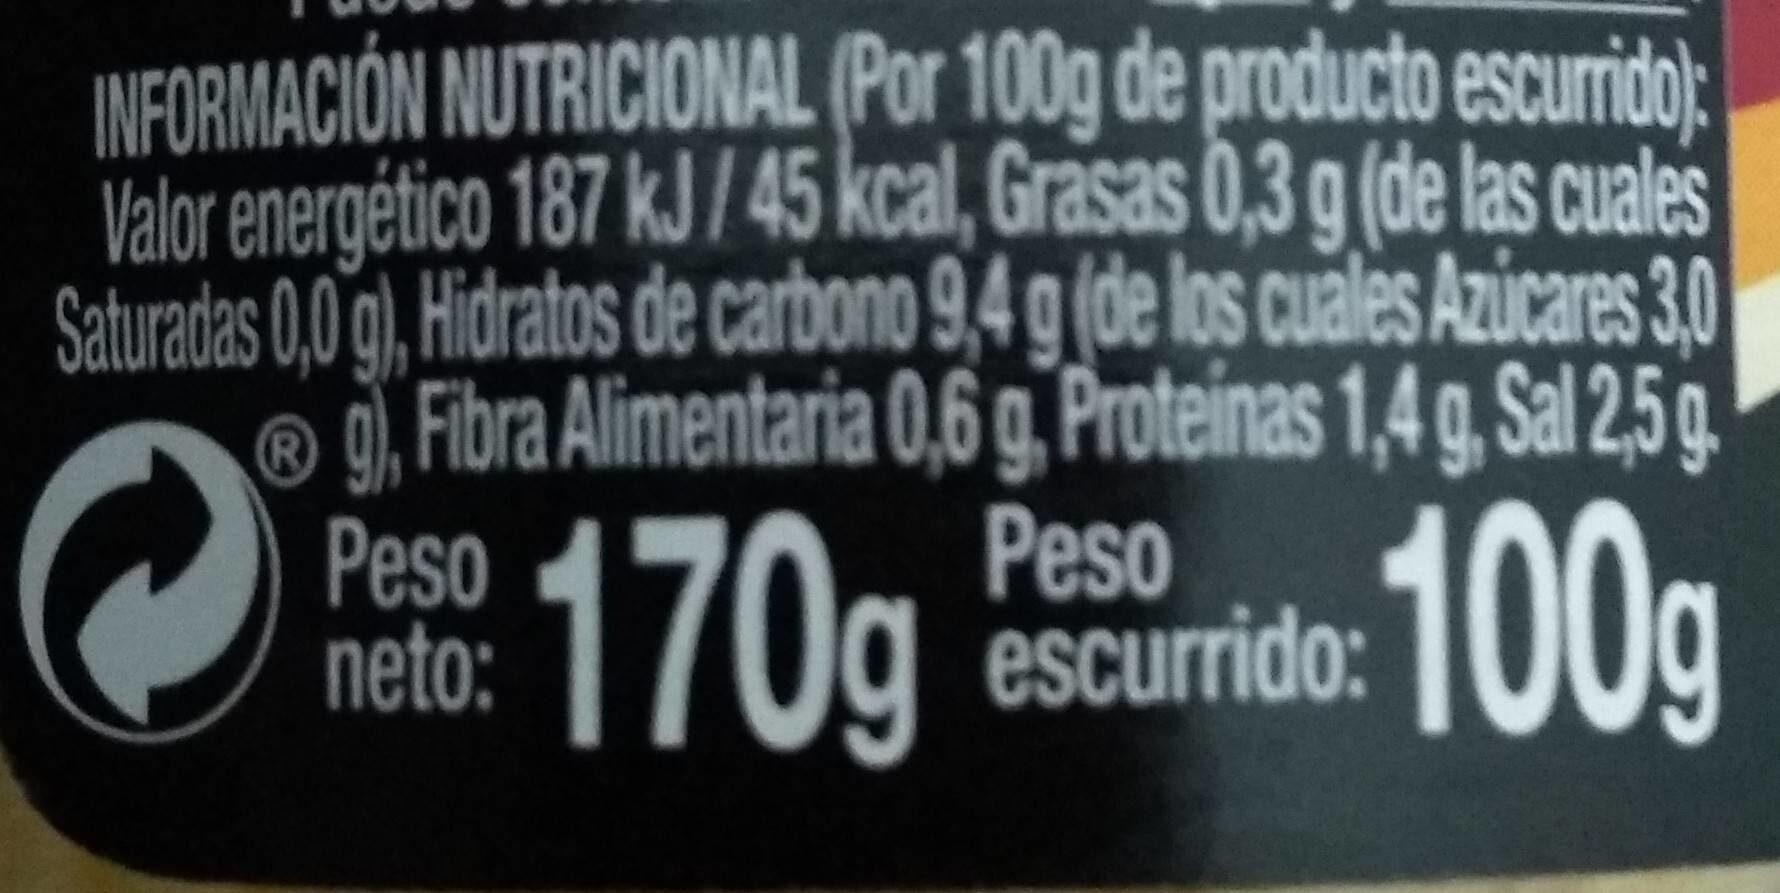 Mazorquitas de maíz - Nutrition facts